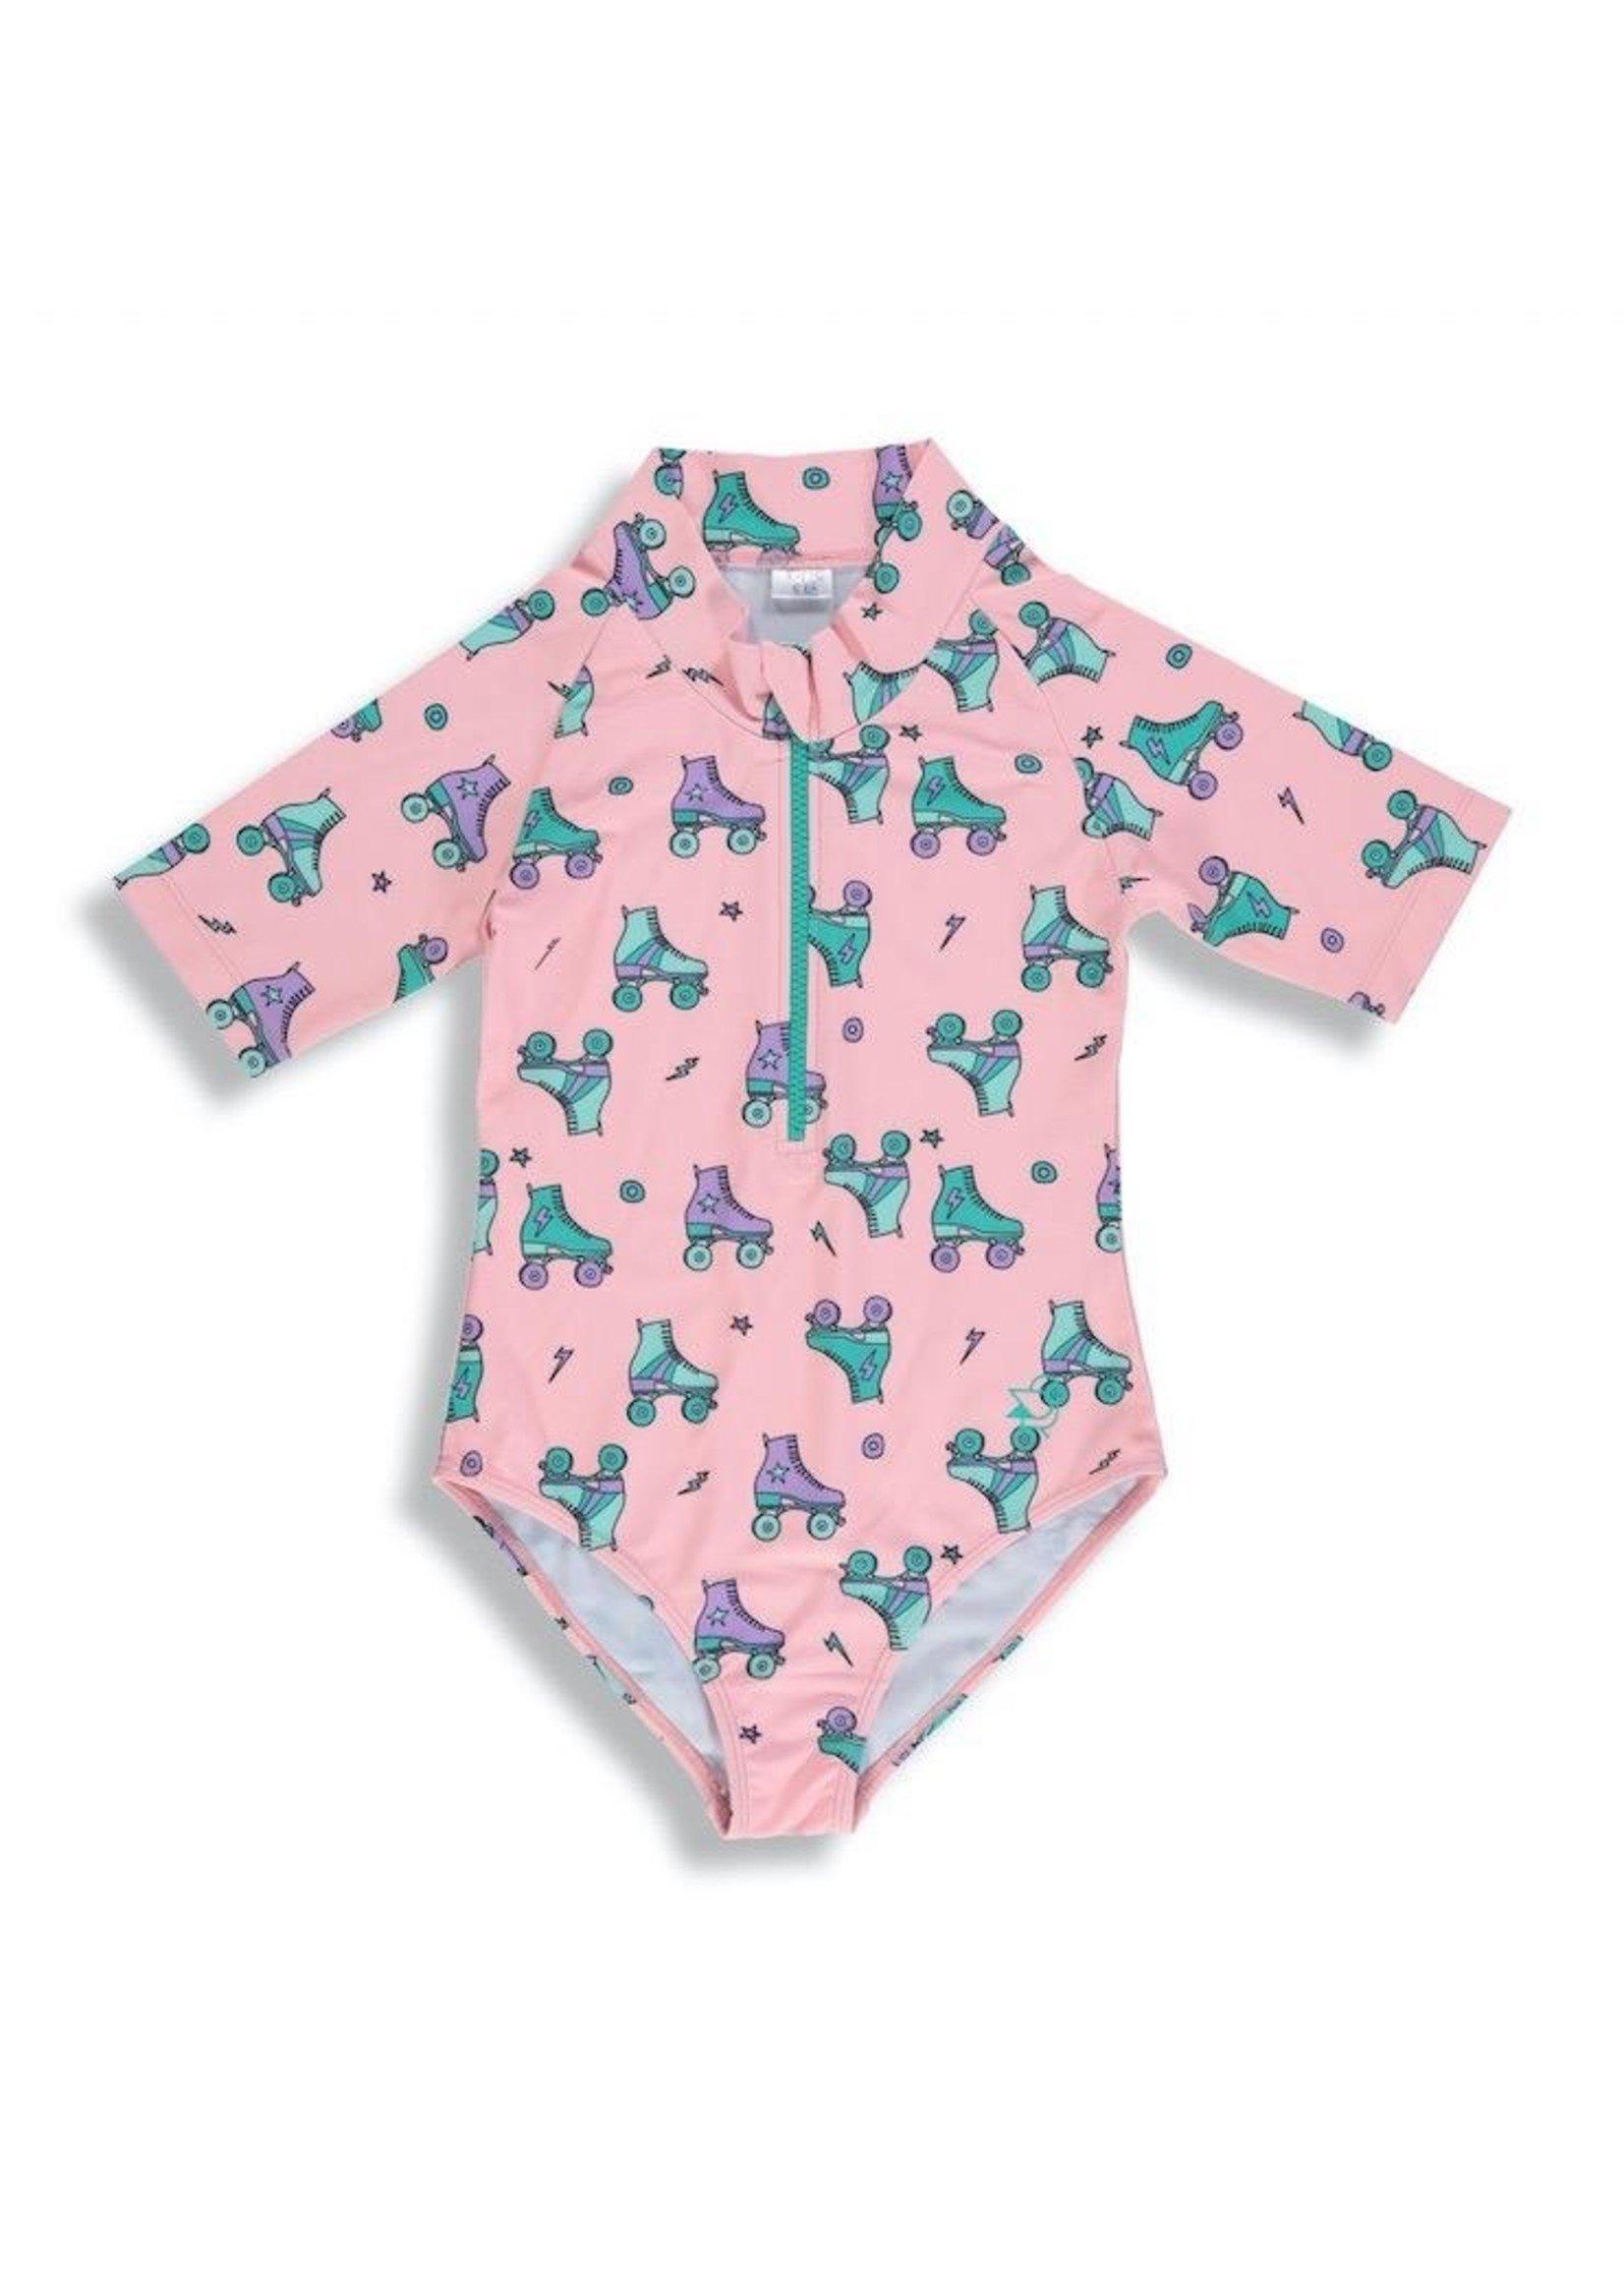 Birdz Children Birdz Children, Tropical Peach Roller Blades Girlz |Surfer Swimsuit|